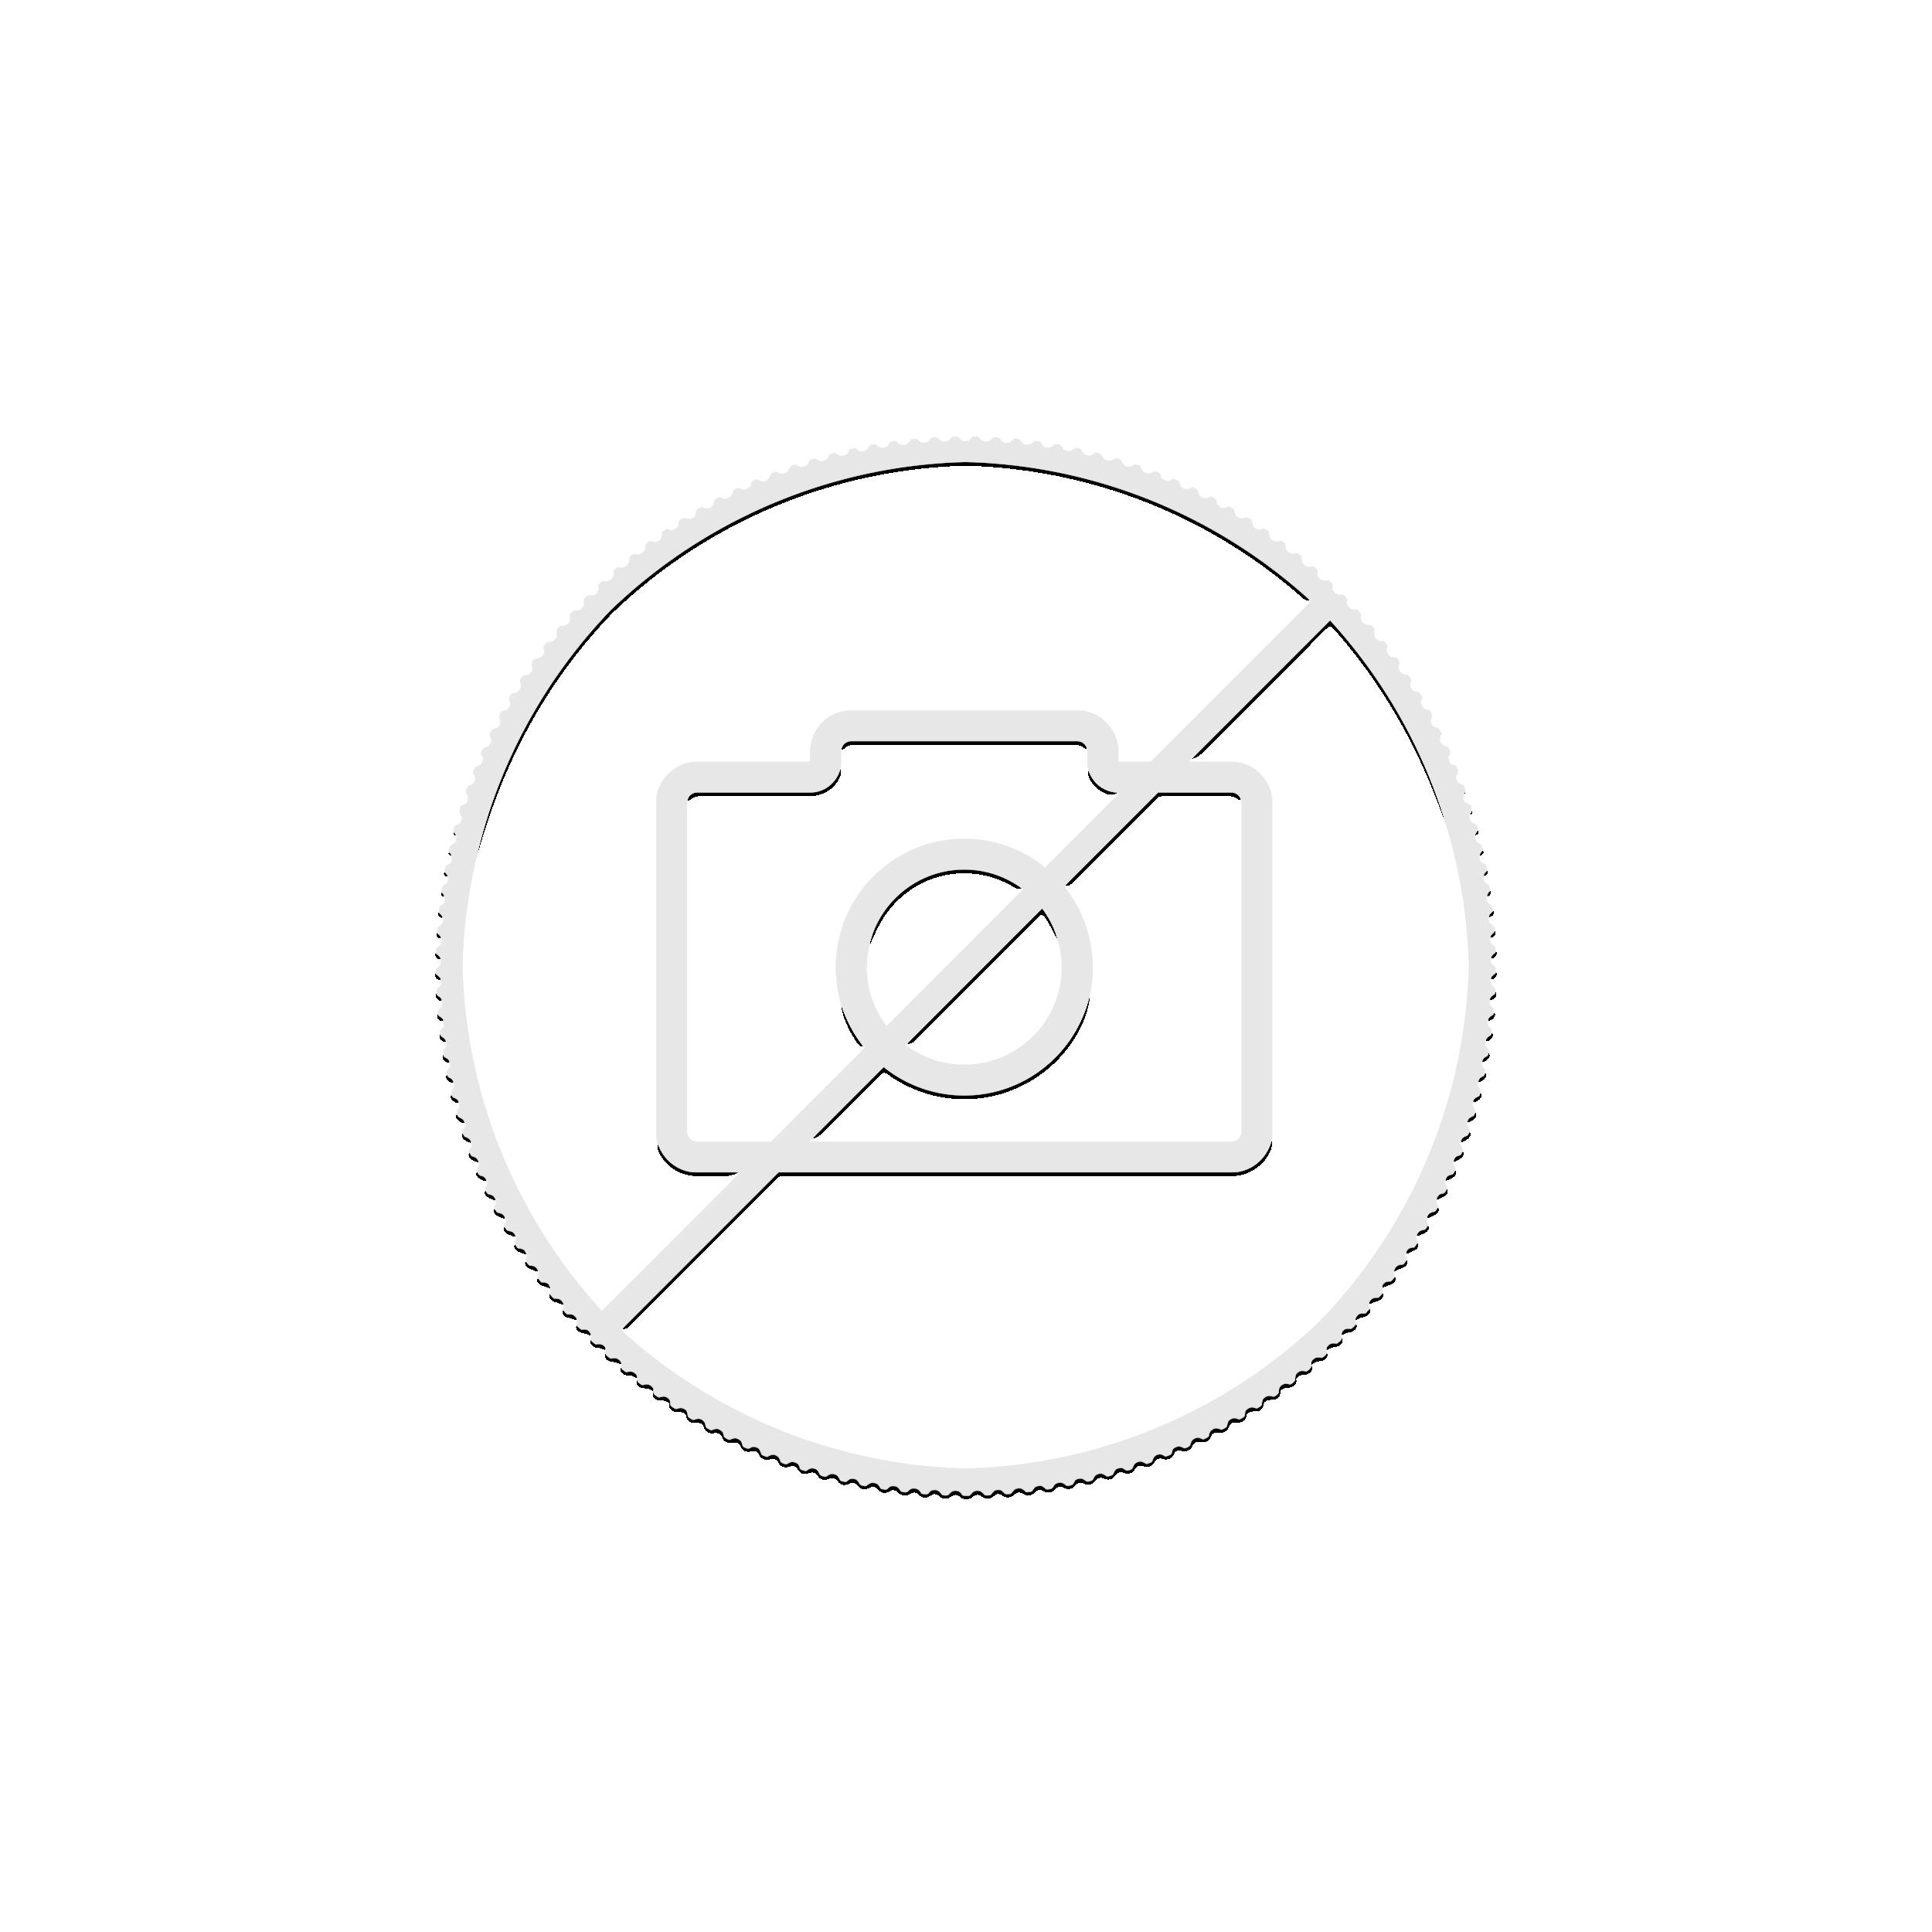 1 Troy ounce zilveren munt Lunar UK 2019 - Jaar van het Zwijn